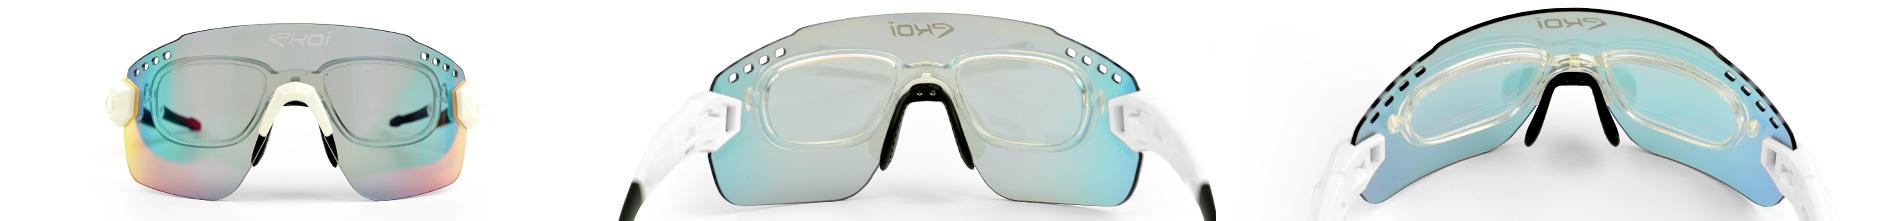 inserto ottico per occhiali da bici EKOI con lenti da vista